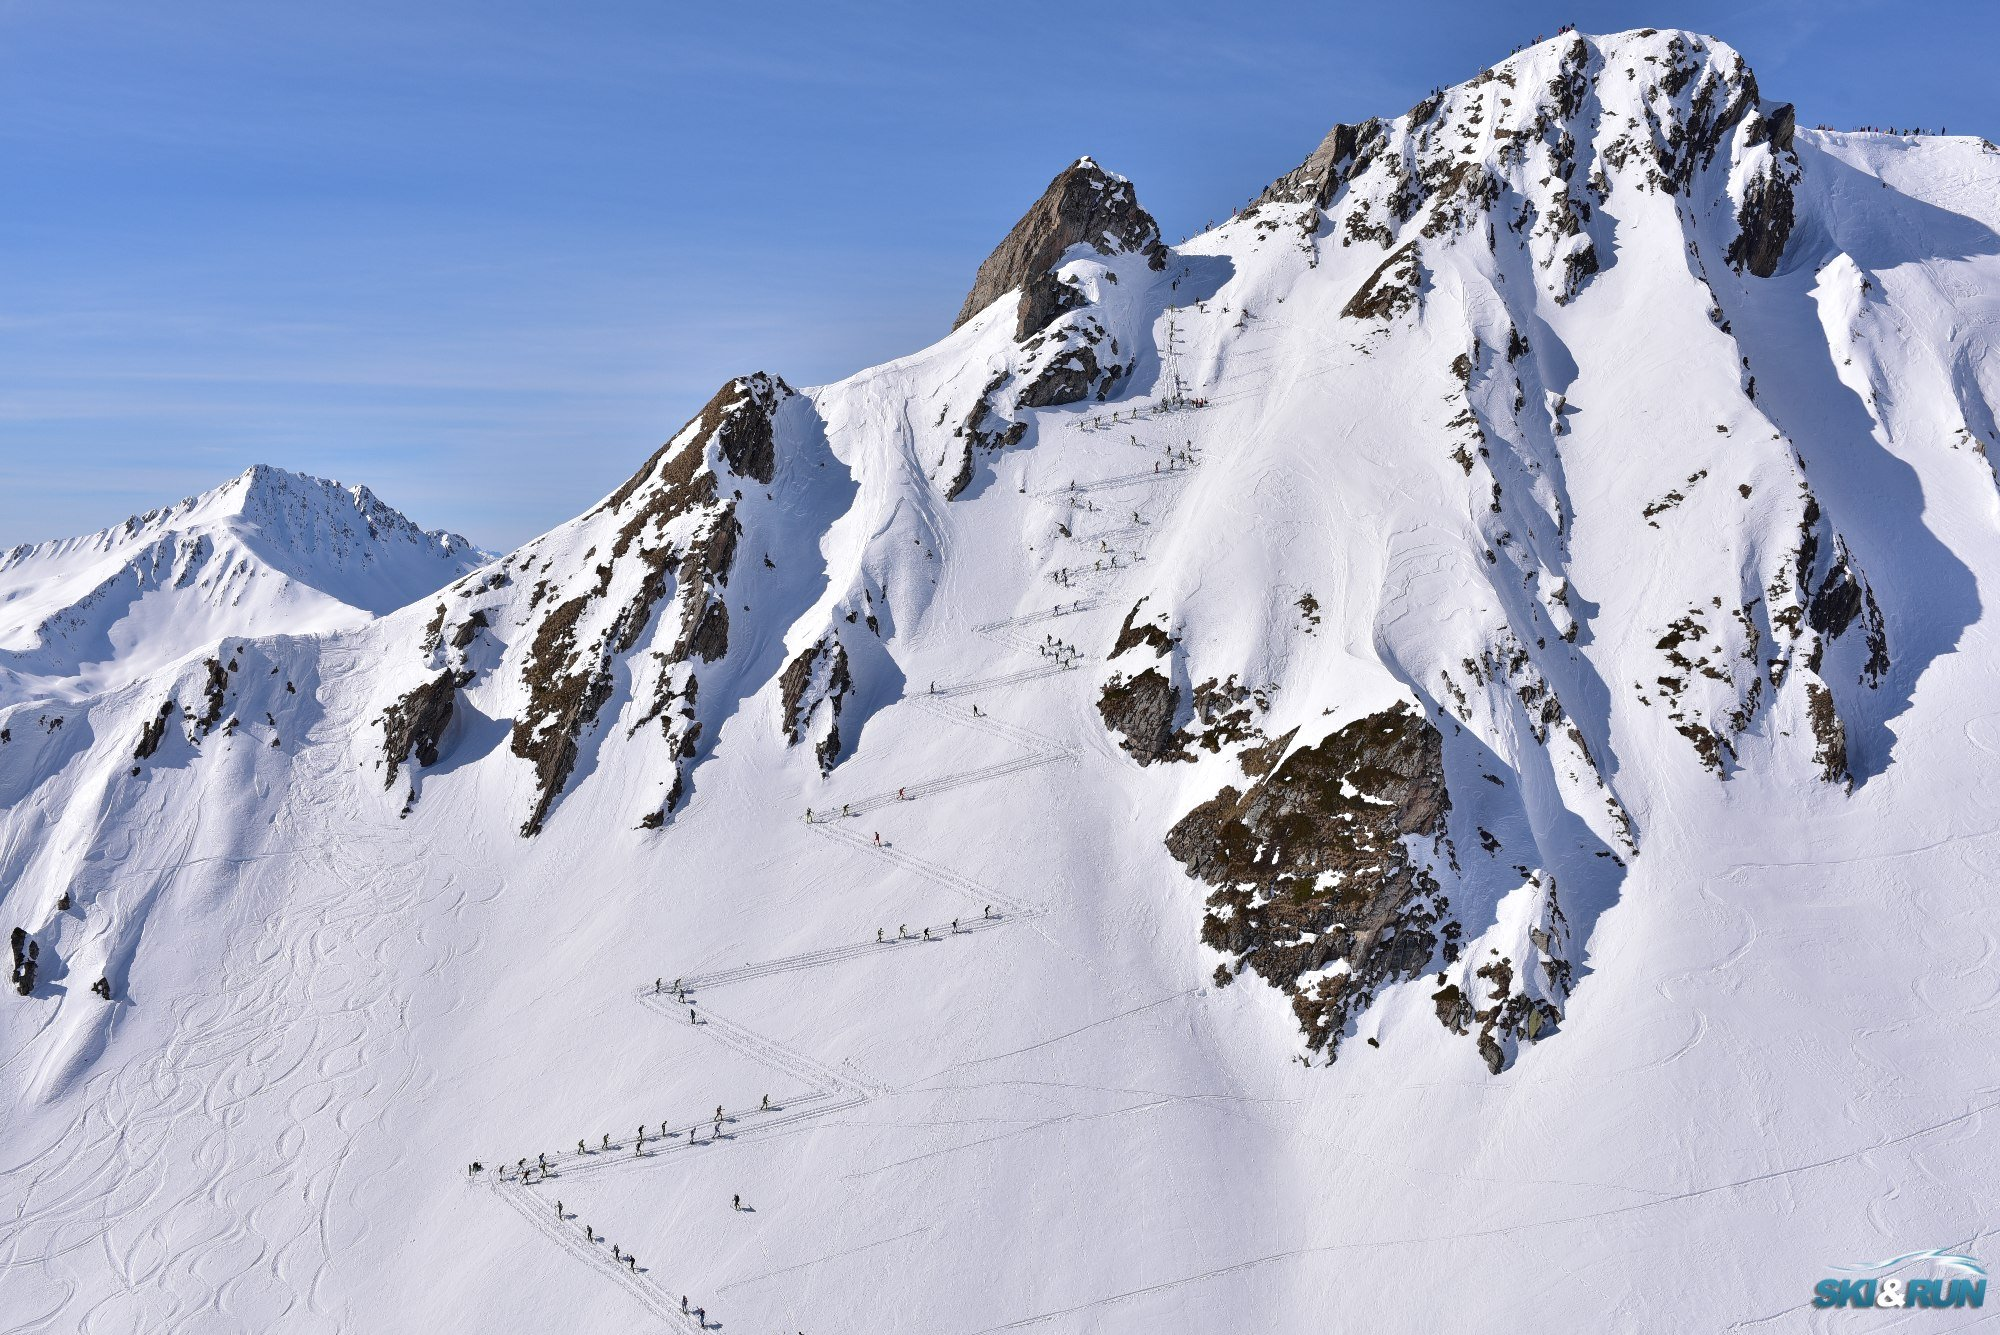 ski and run day 3